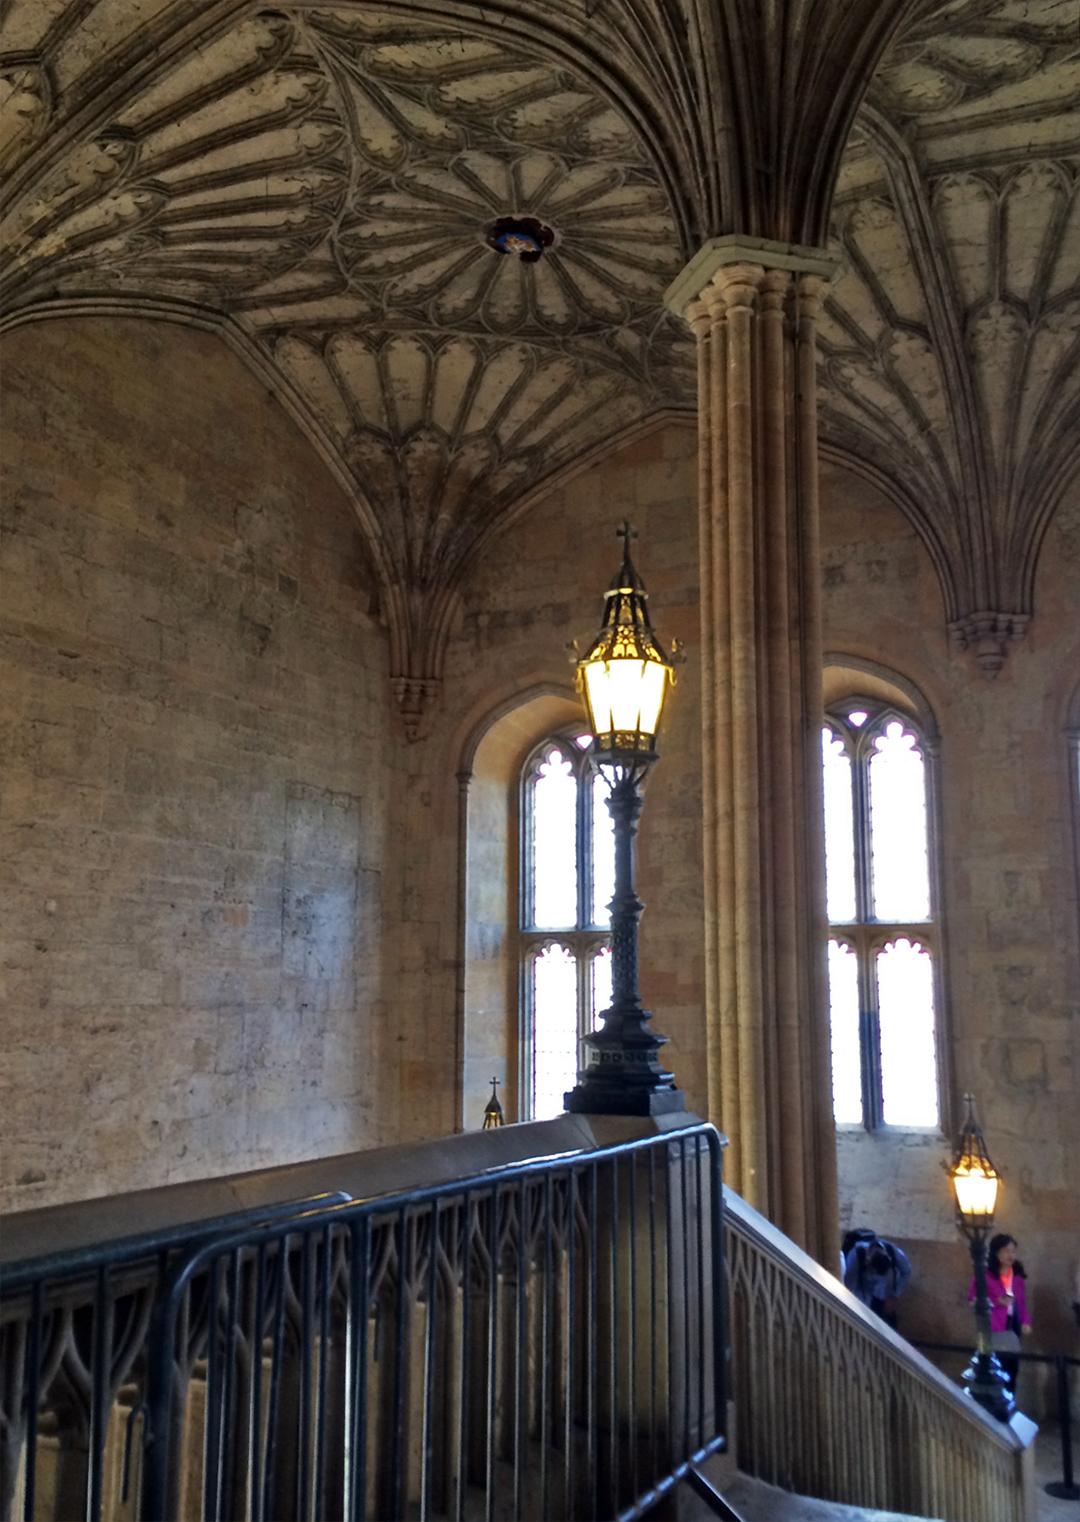 Detalhes das janelas e do teto das escadarias da Christ Church.